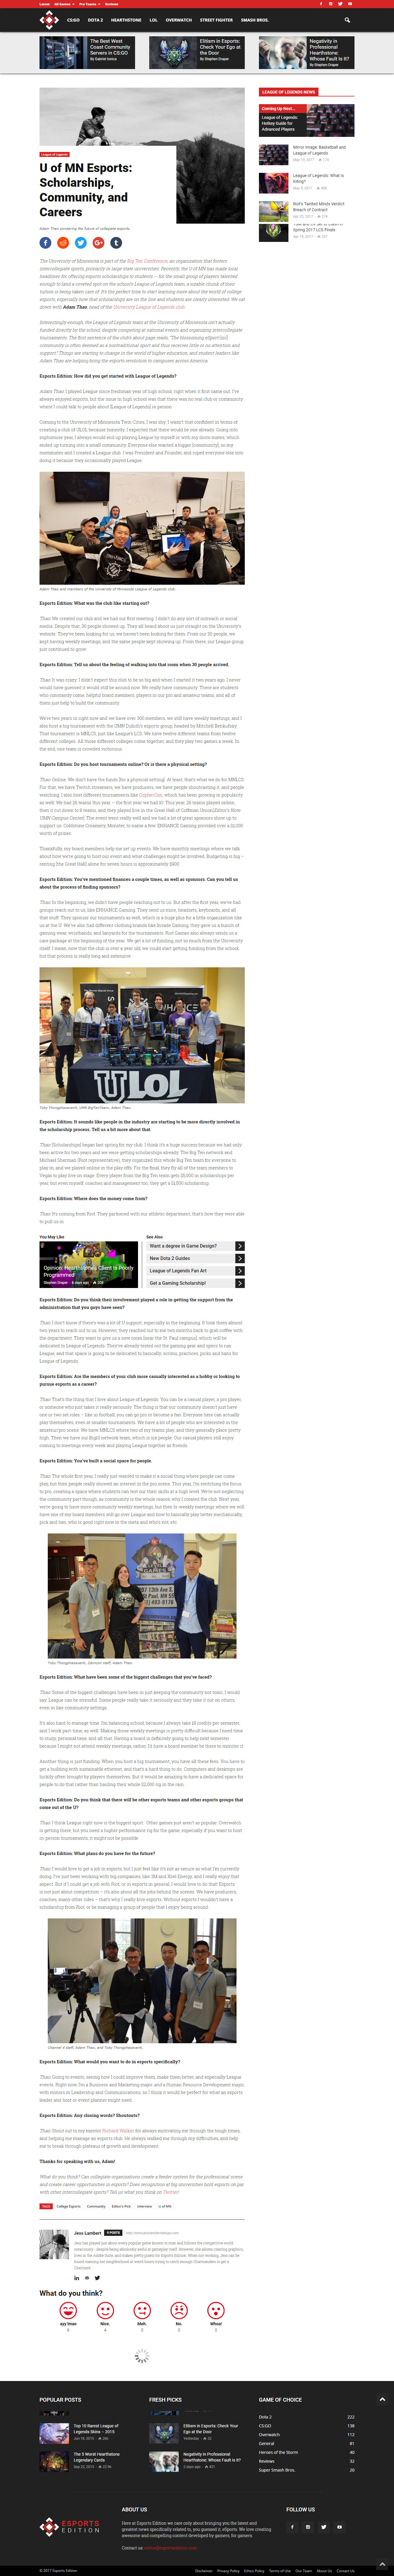 esports at ulol article